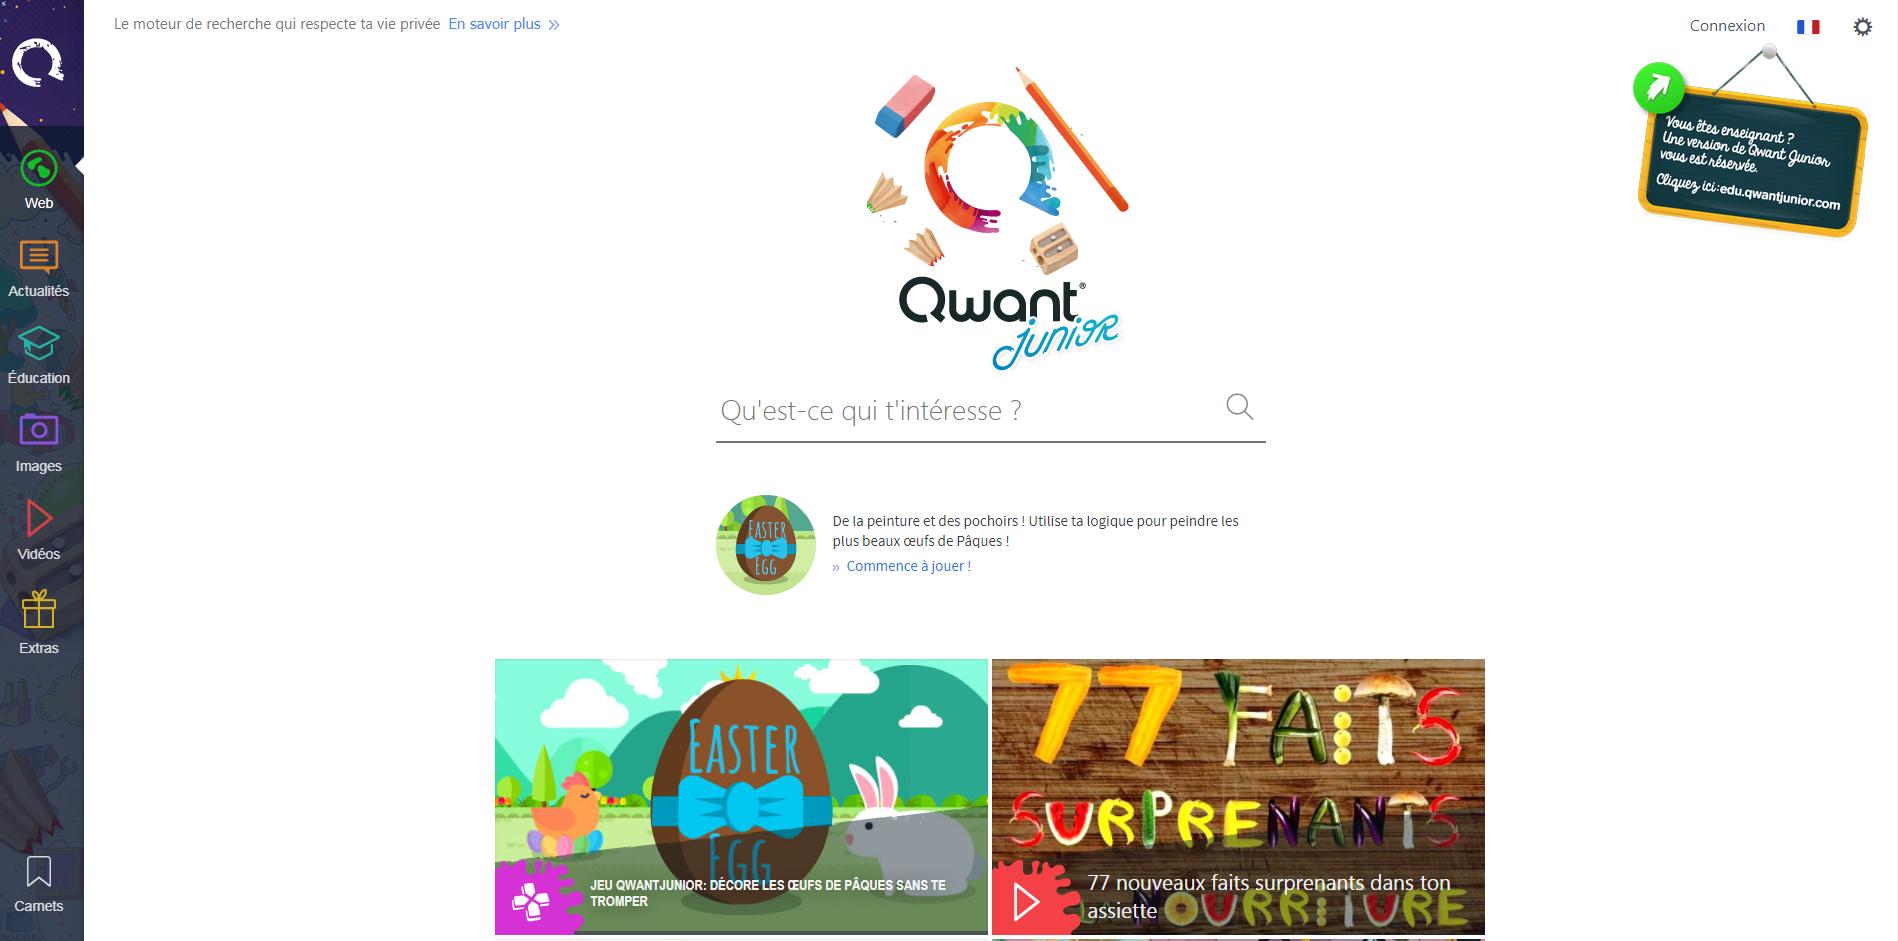 Qwant Junior, le moteur de recherche dédié aux 6-13 ans